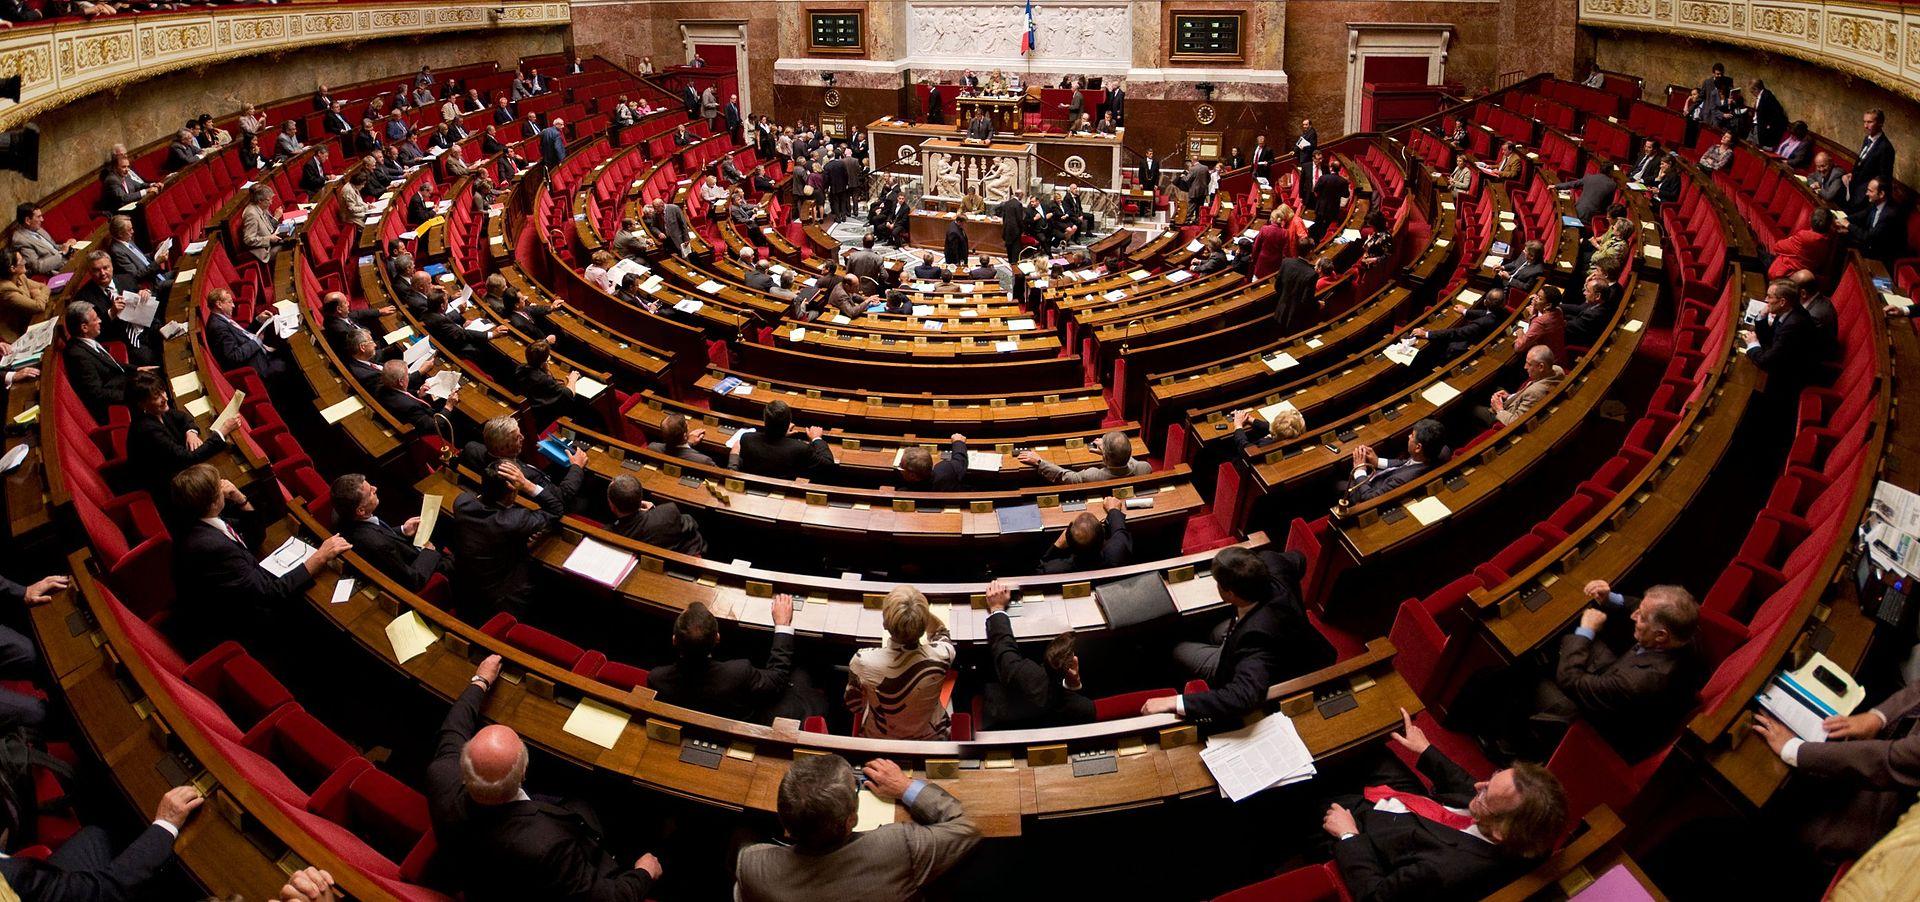 Image - Absence de dialogue, débat faussé, suffisance… et  retour à la case départ pour le projet de loi « bioéthique »